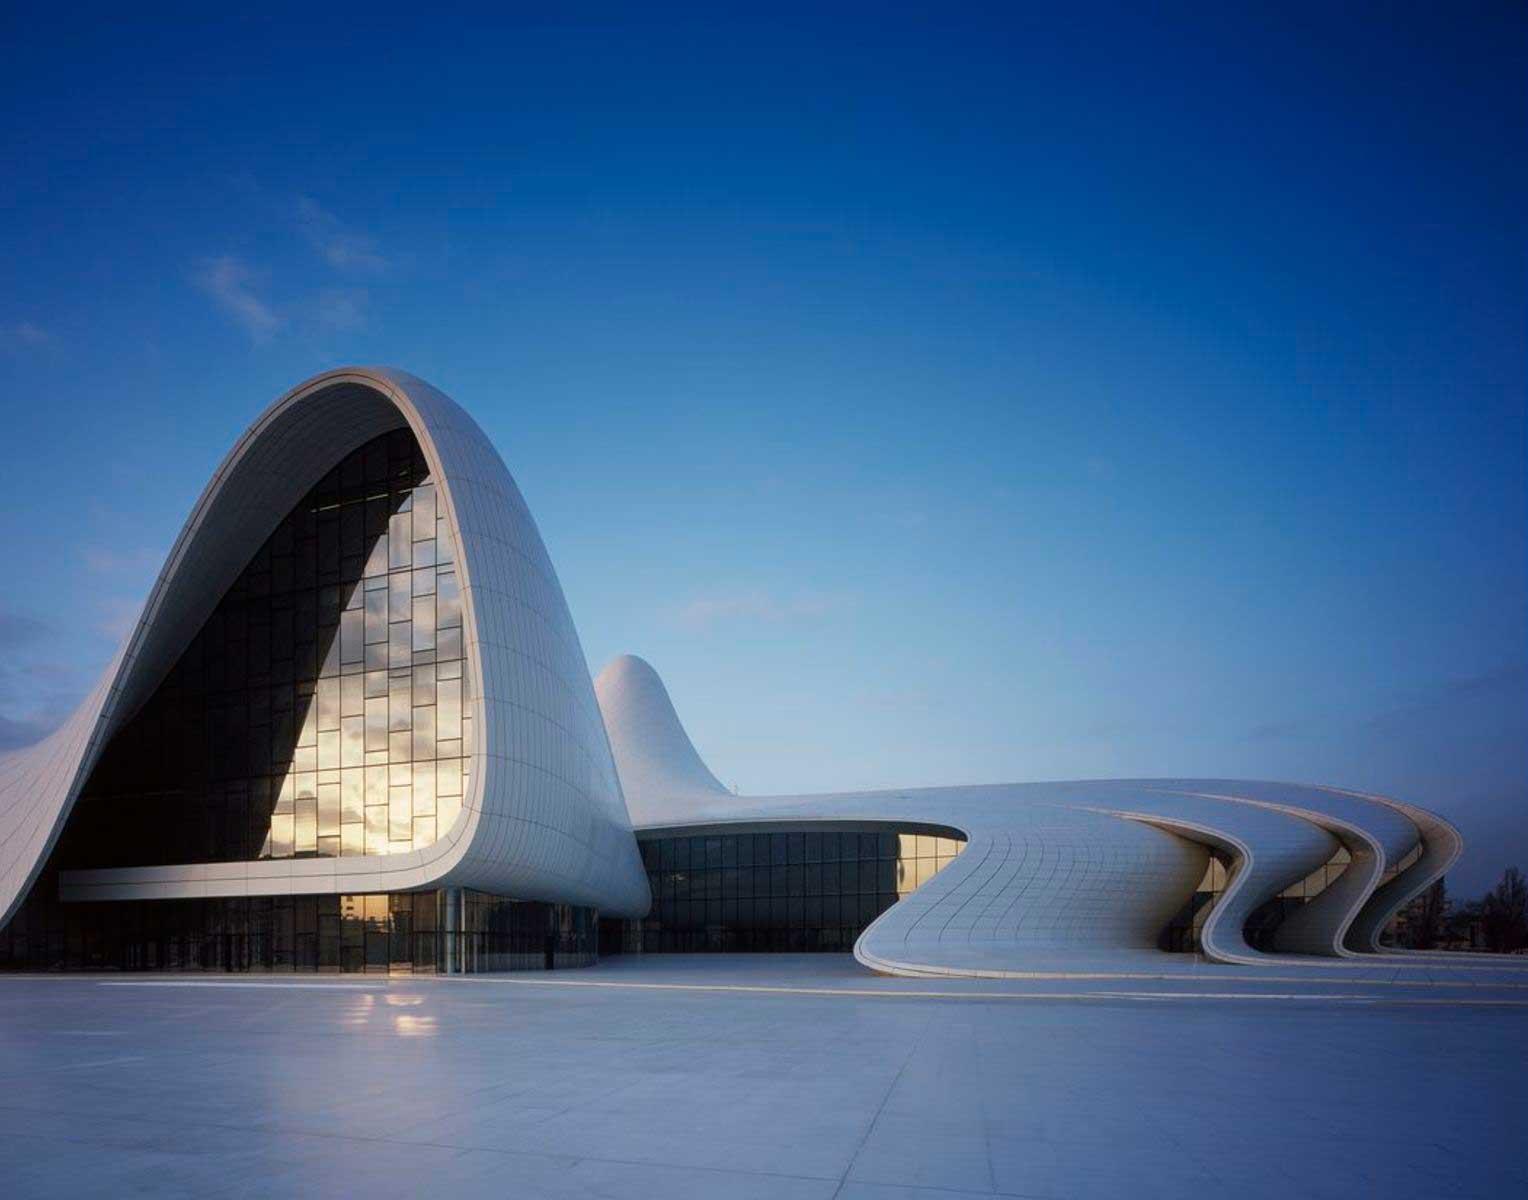 zaha-hadid-heydar-aliyev-center-in-baku  ZAHA HADID HUYỀN THOẠI VỀ NHỮNG ĐƯỜNG CONG KIẾN TRÚC 16 zaha hadid heydar aliyev center in baku full